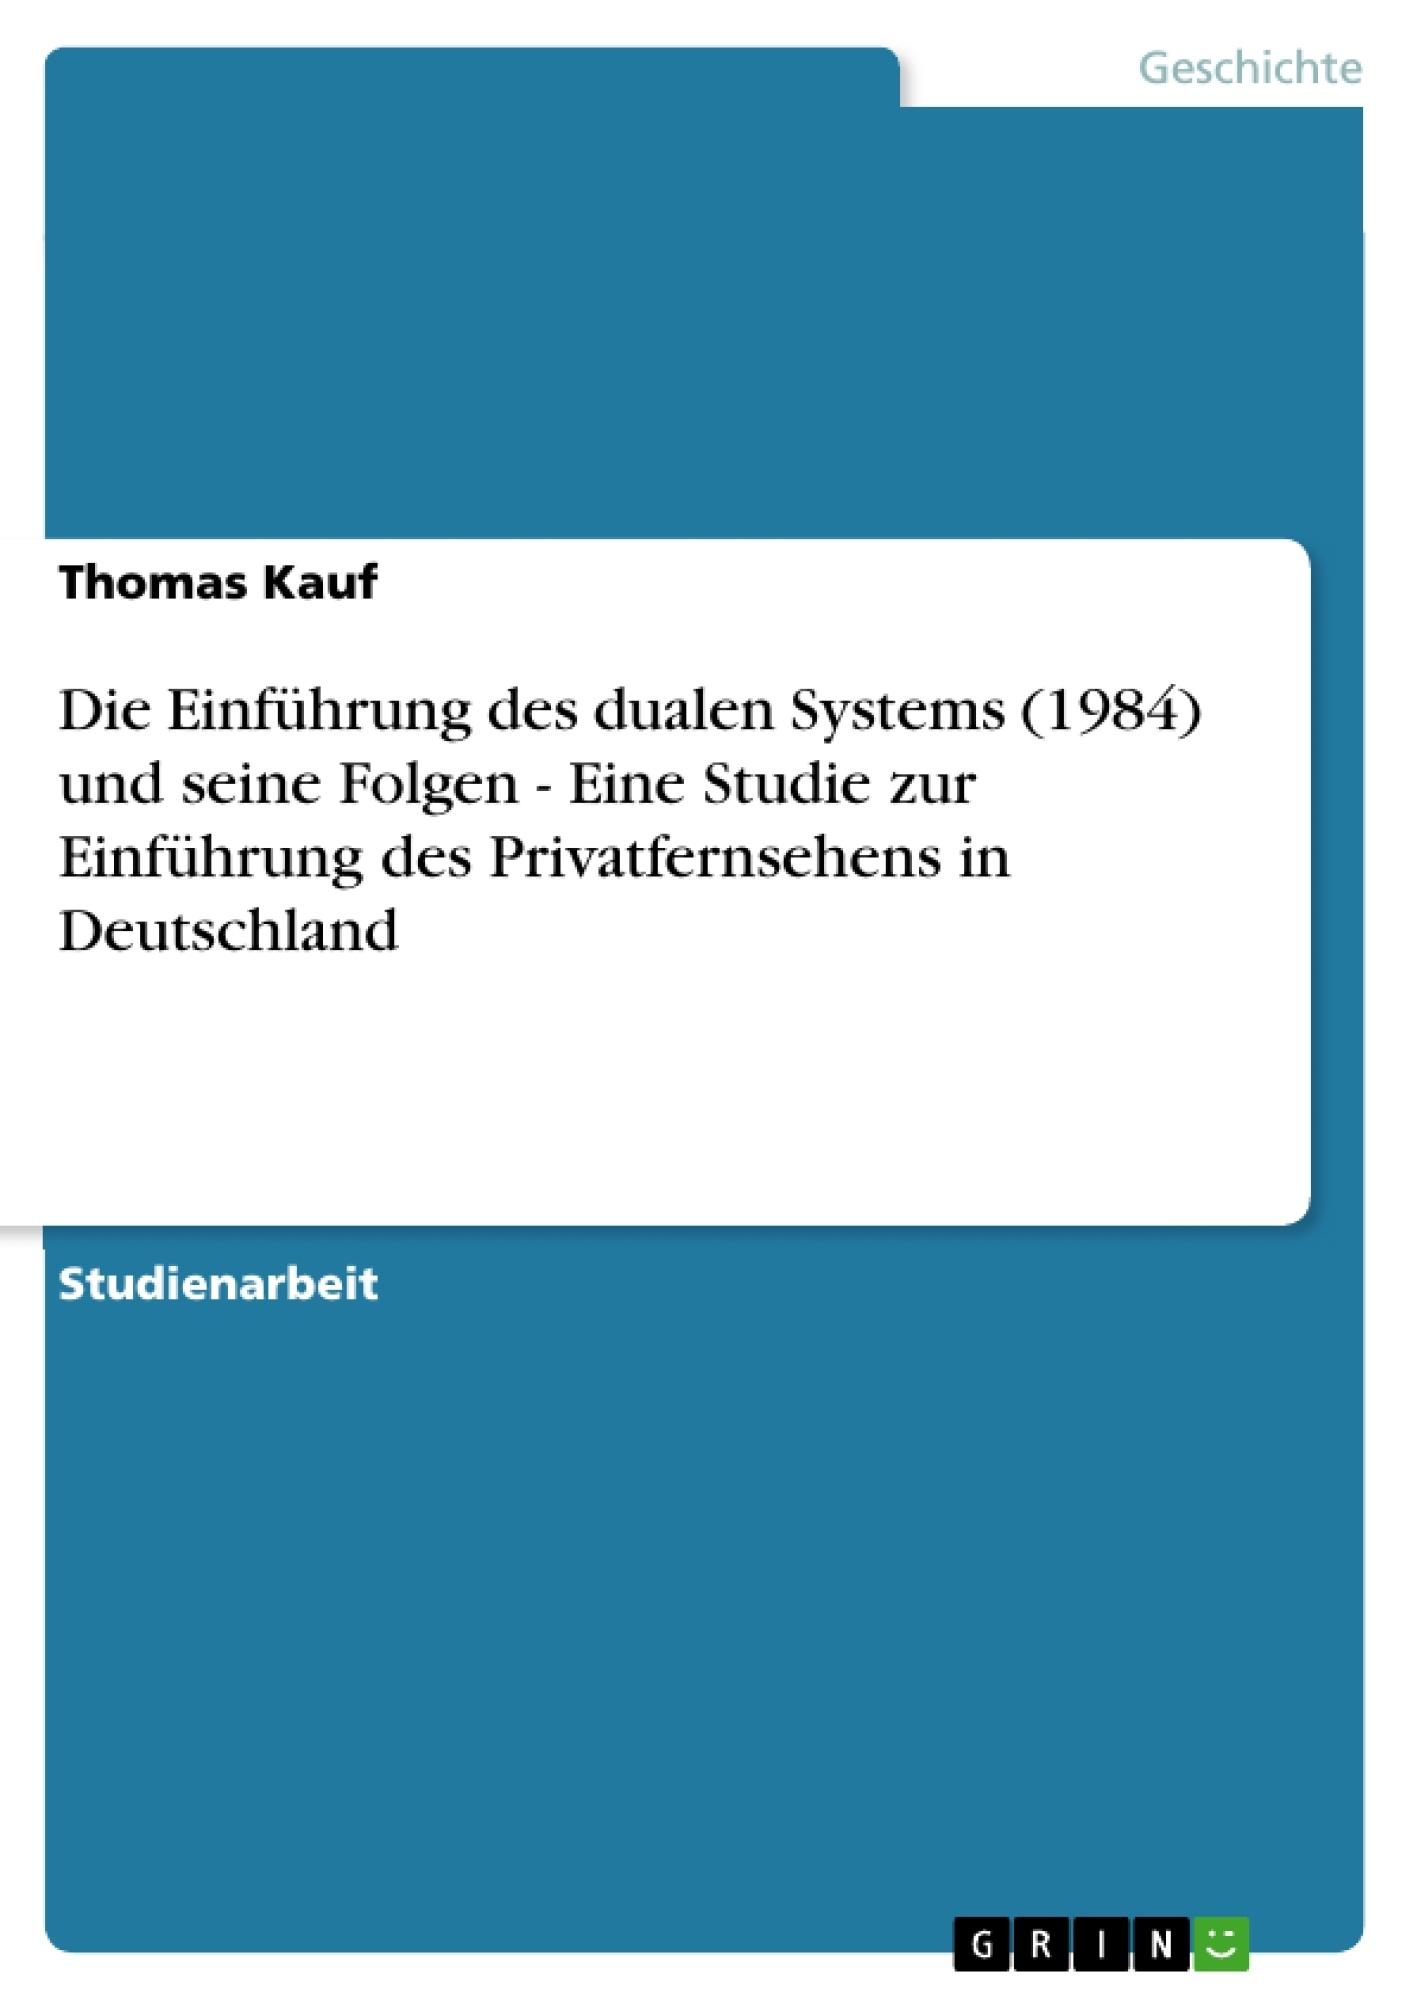 Titel: Die Einführung des dualen Systems (1984) und seine Folgen - Eine Studie zur Einführung des Privatfernsehens in Deutschland